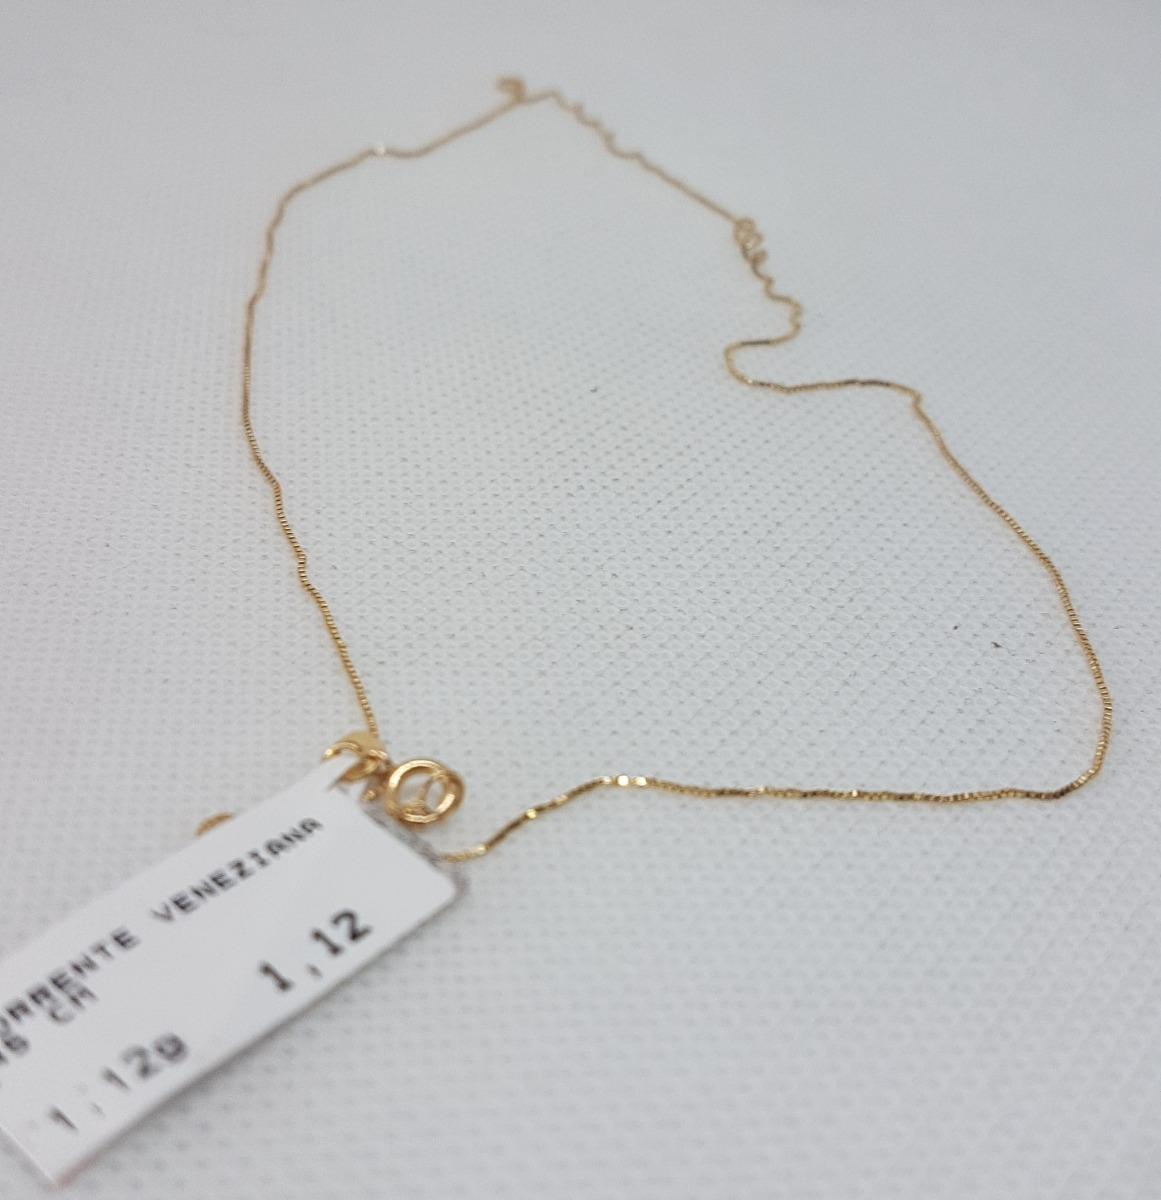 Corrente Veneziana Em Ouro 18k 750 45cm 1,12g - R  268,80 em Mercado ... 6db9c61b46